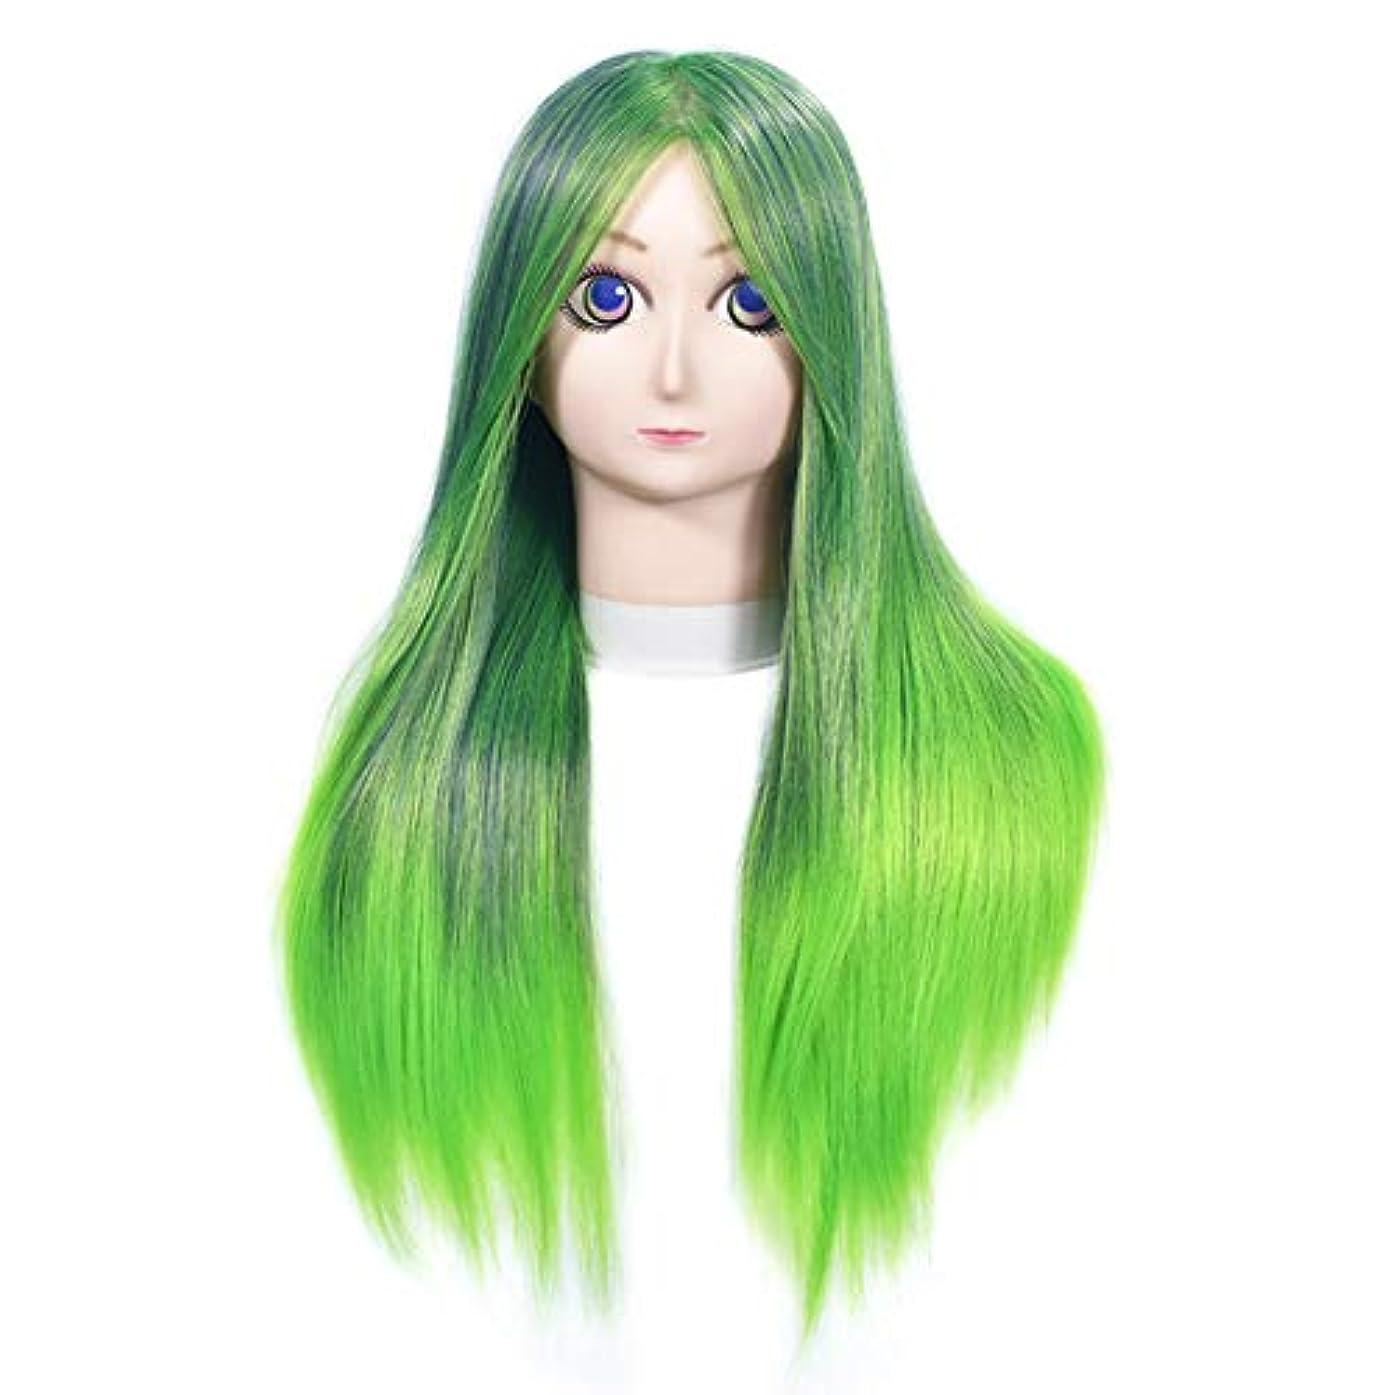 下着先史時代の実験高温シルクヘアスタイリングモデルヘッド女性モデルヘッドティーチングヘッド理髪店編組髪染め学習ダミーヘッド,gradientgreen